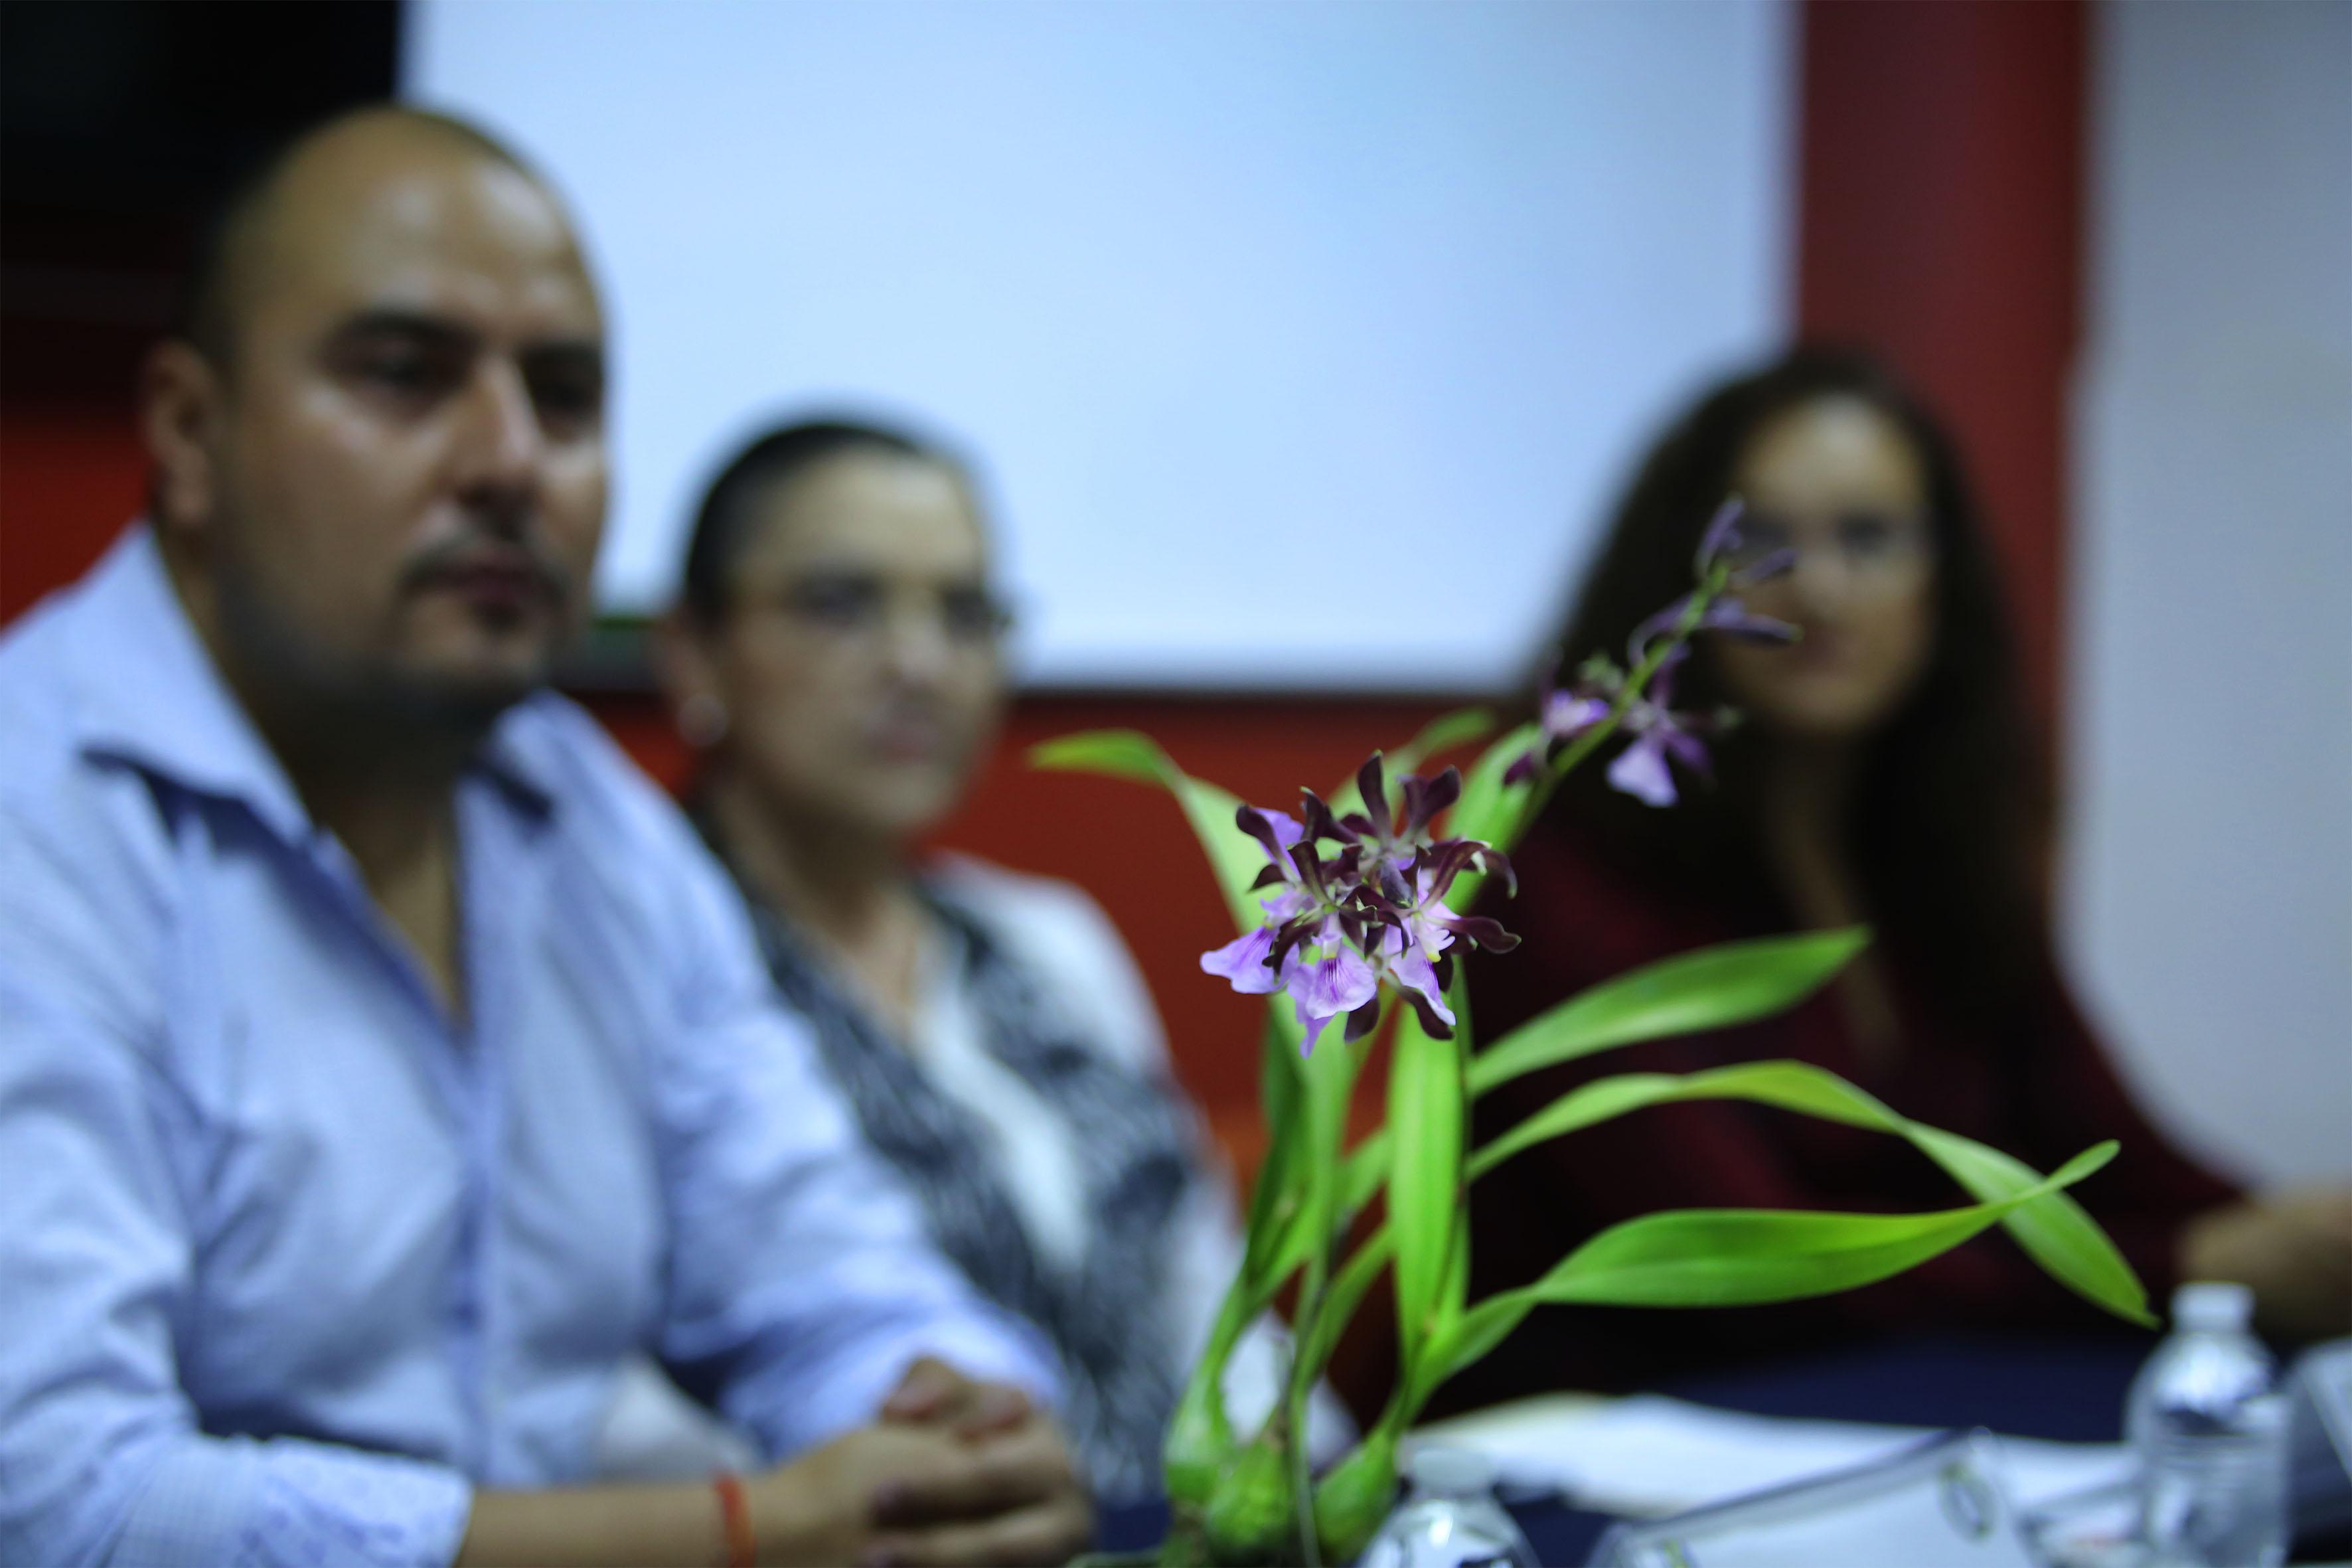 Especie mexicana de orquídea en extinción, en tonos lilas y morado.